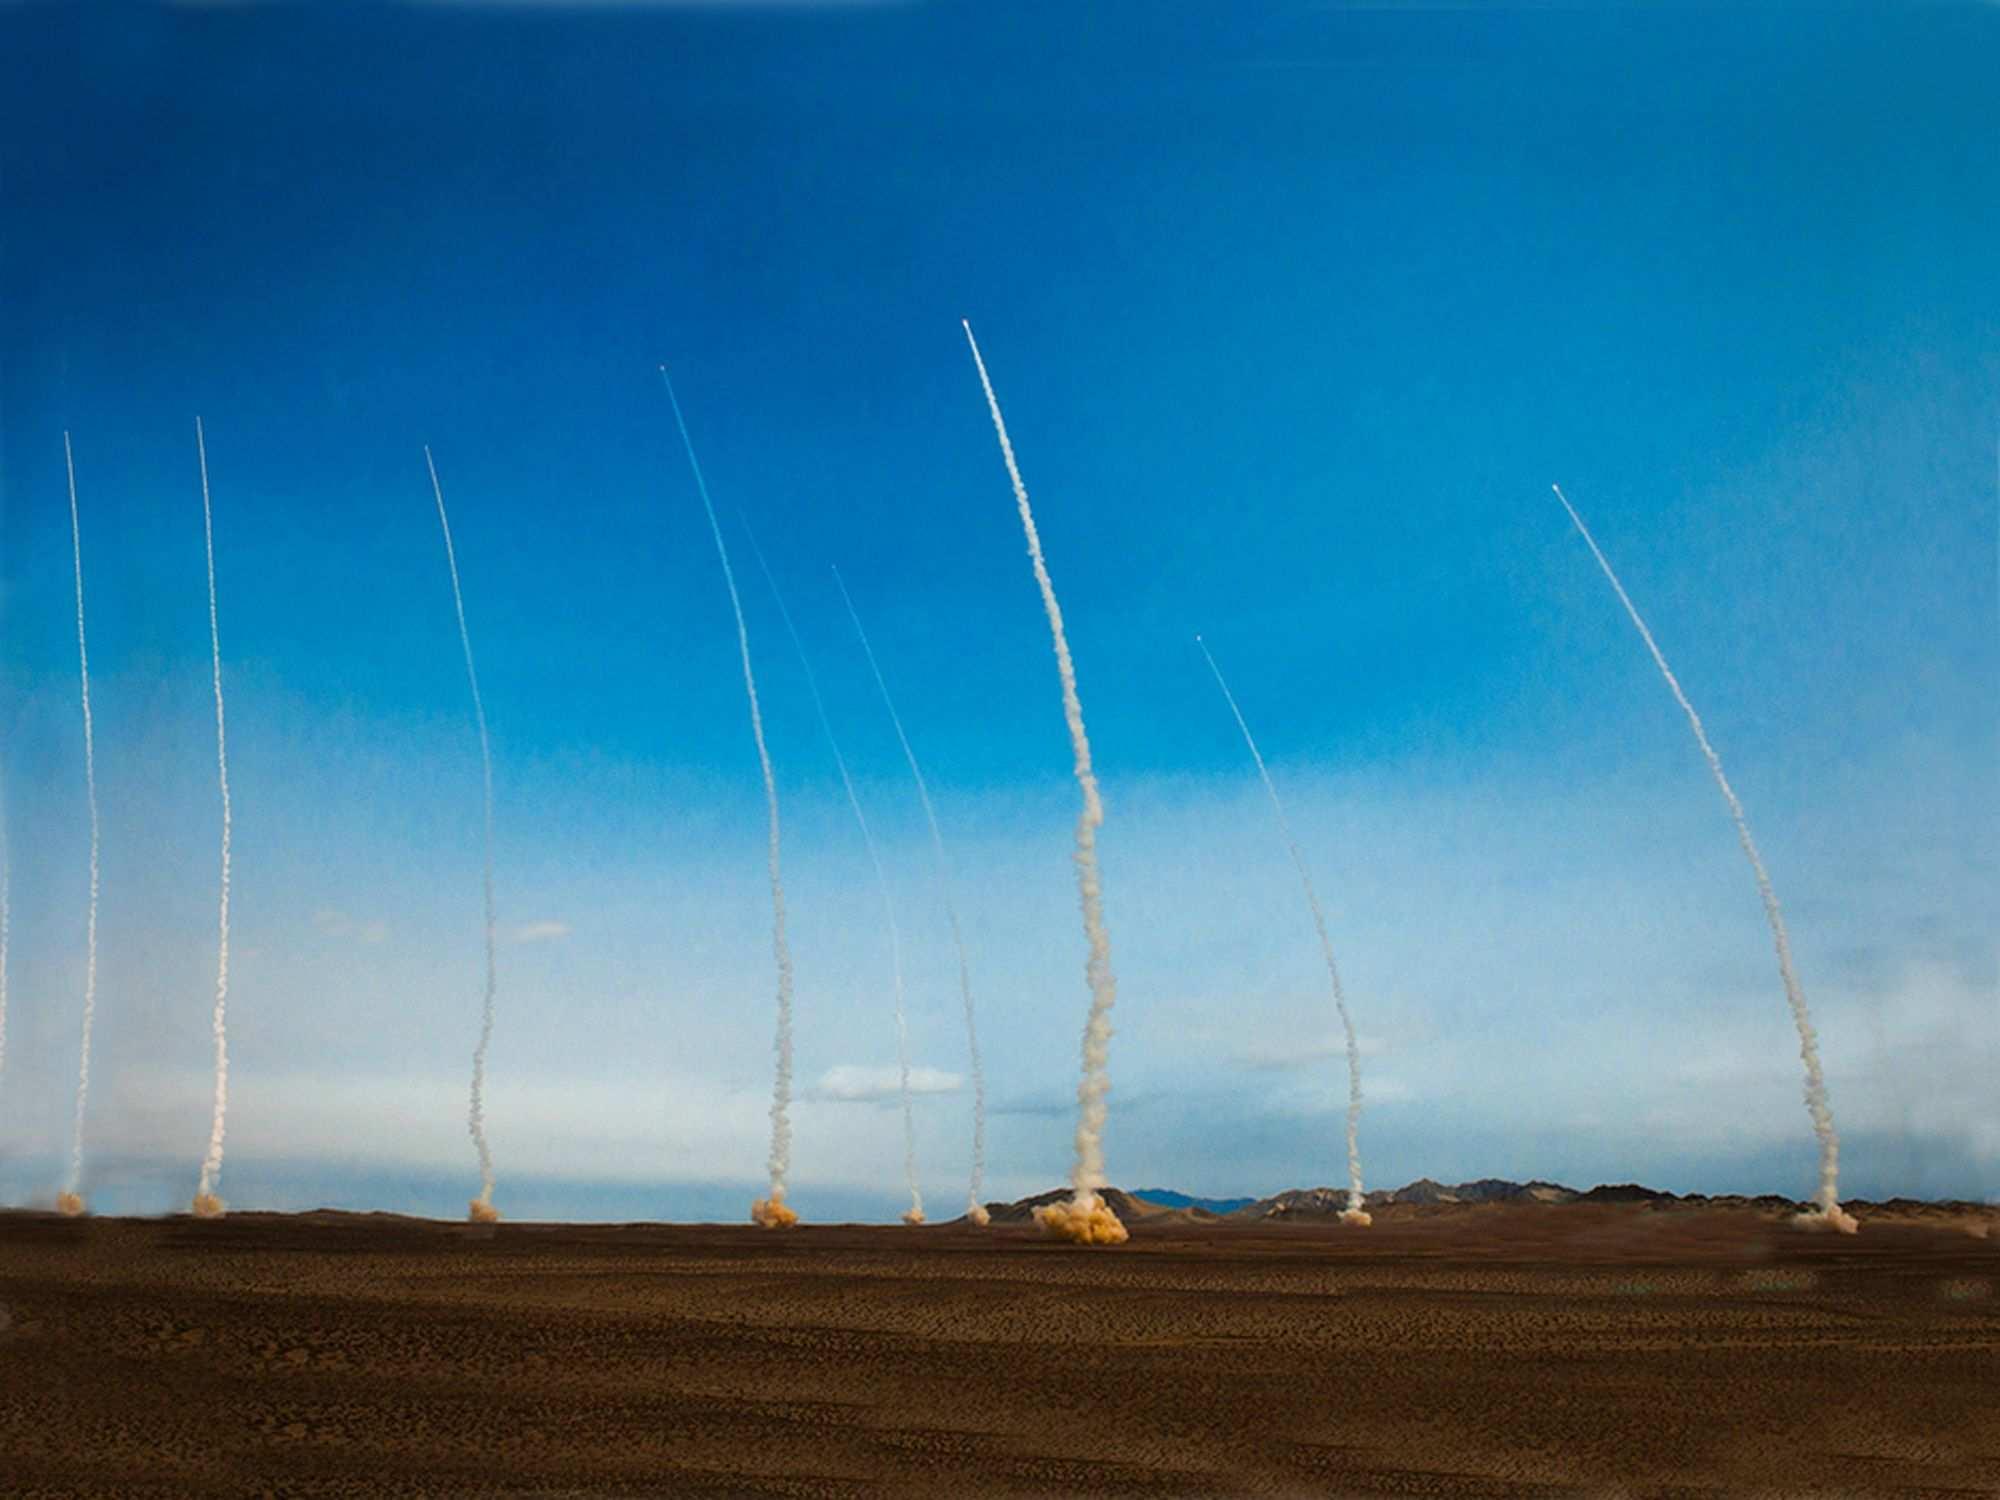 Игра навылет: почему Украине лучше не проводить ракетные стрельбы вблизи Крыма | Русская весна